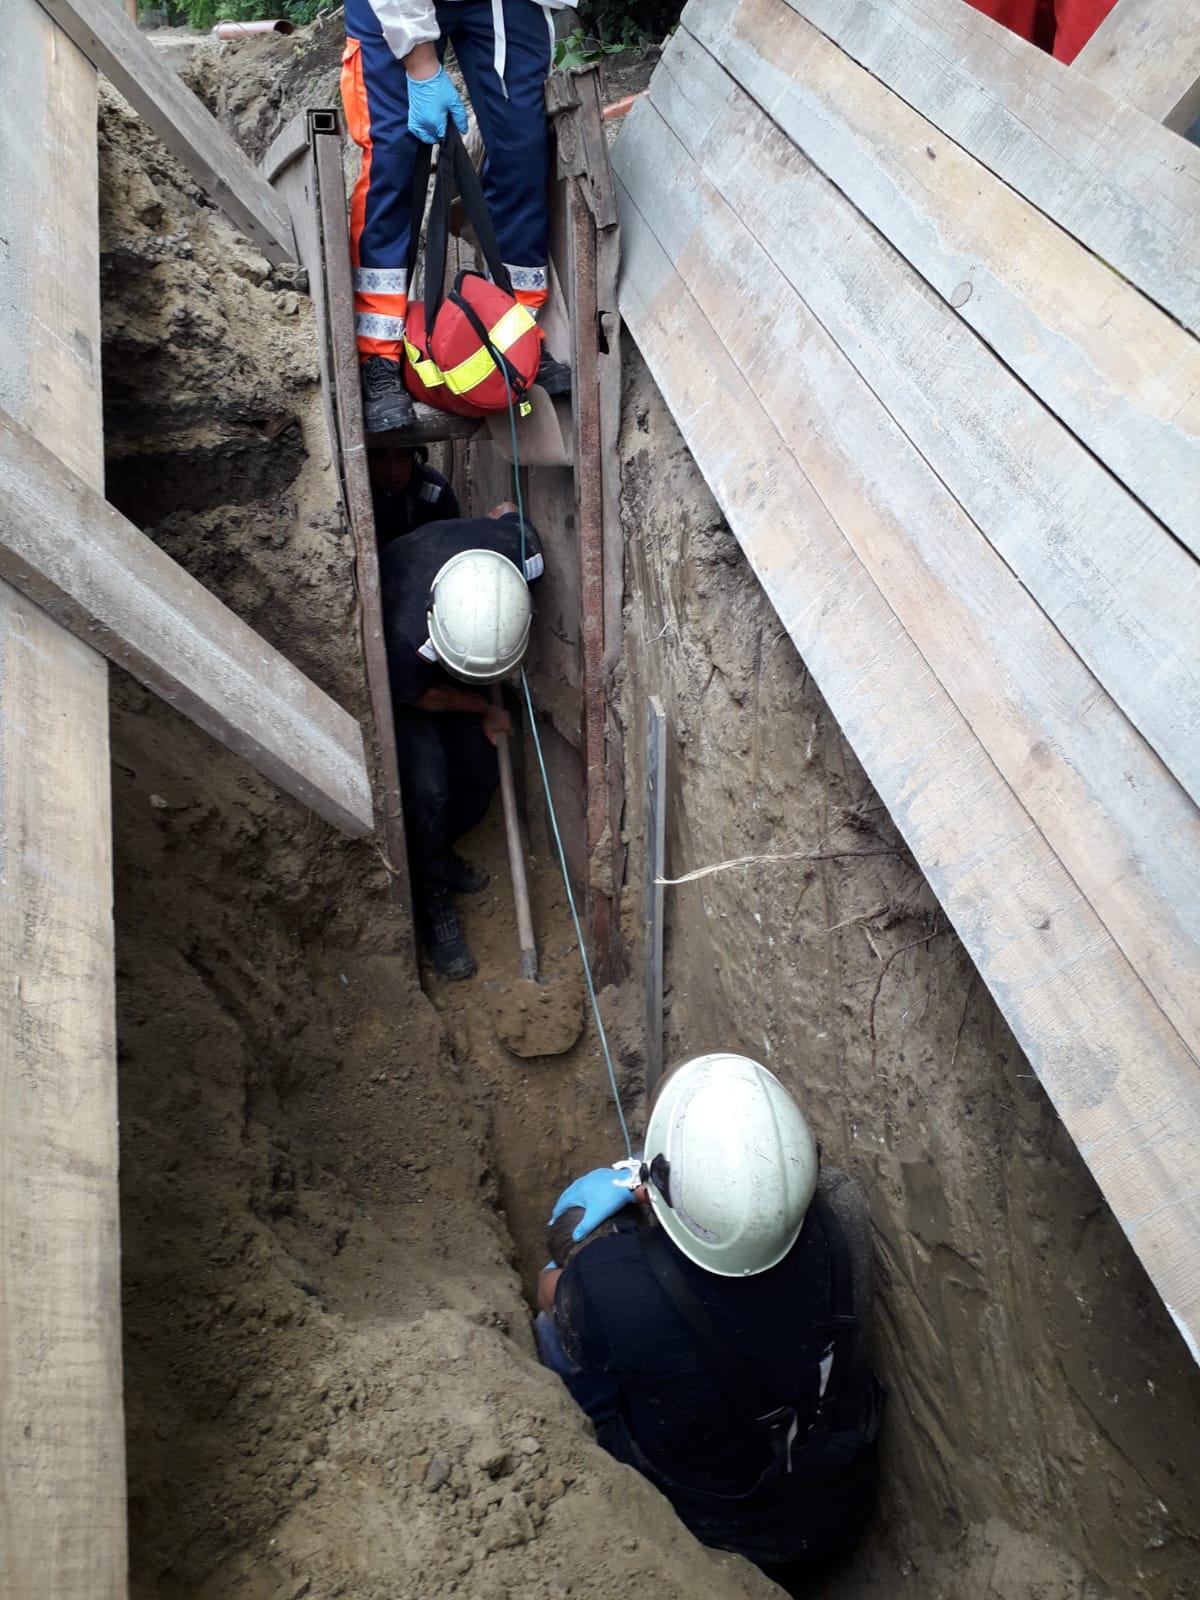 A murit muncitorul din Negresti peste care s-a surpat un mal